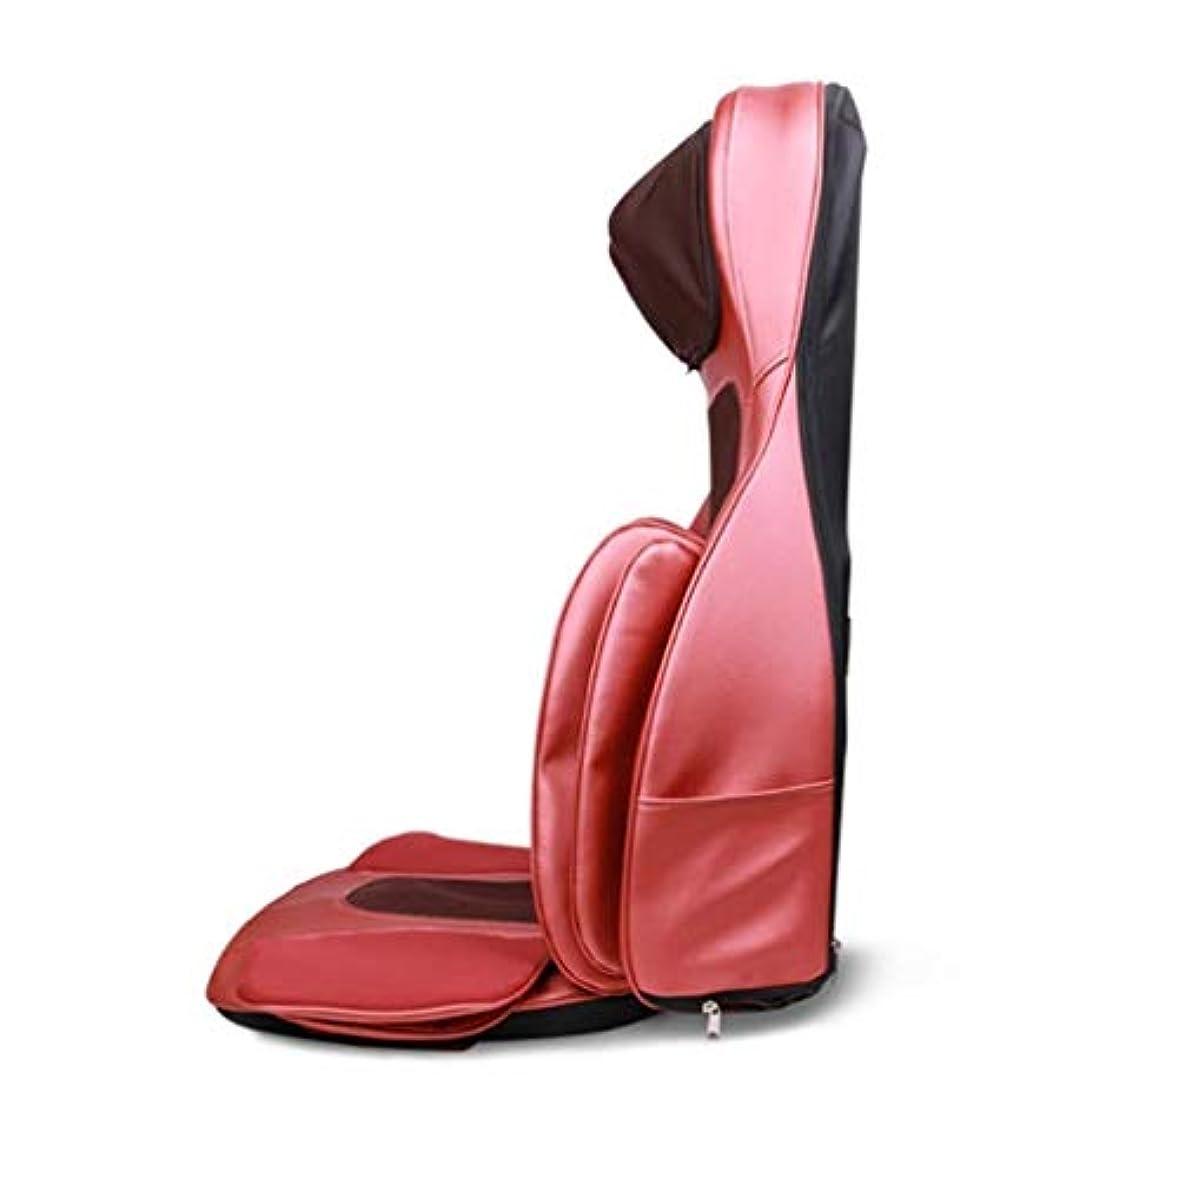 石の丁寧接尾辞指圧/ローリング/振動マッサージ、スージング疲労、車/オフィスや家庭のための調節可能な枕の高さを備えた電気マッサージクッション、カーマッサージシート、バック/首のマッサージ、